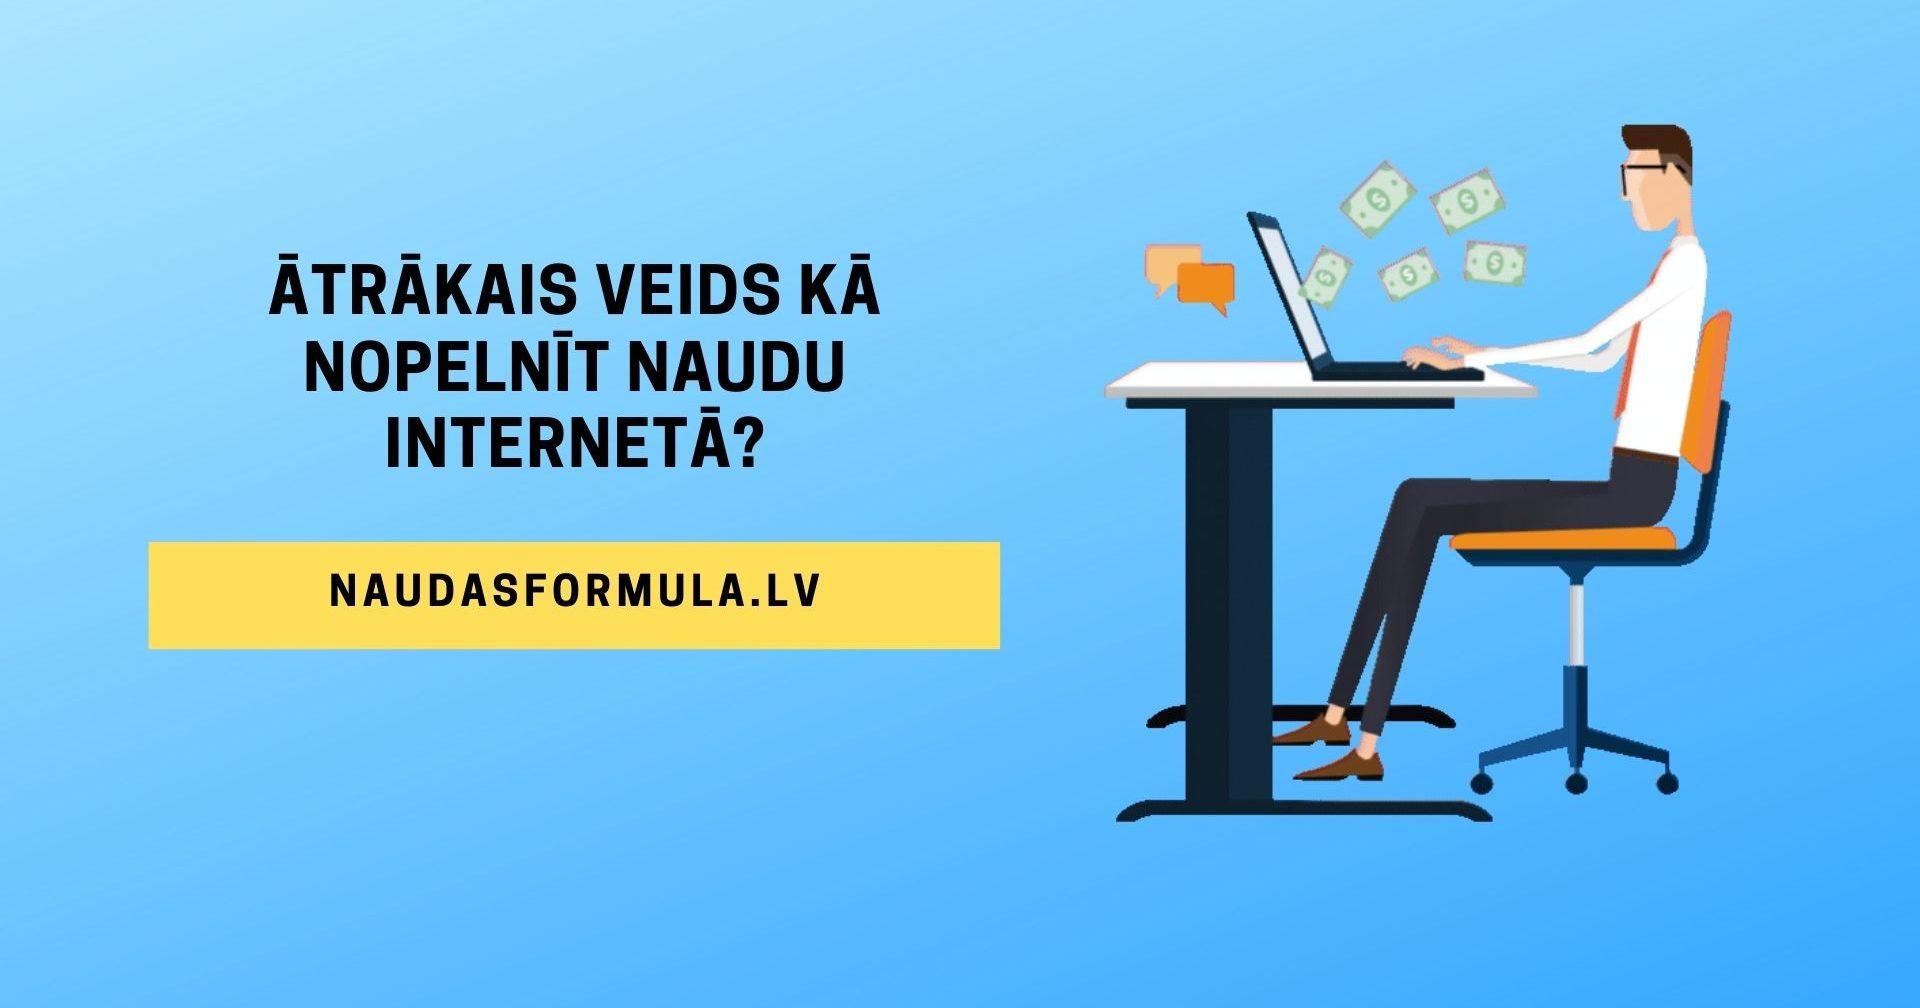 kā nopelnīt naudu tiešsaistē uz kontu